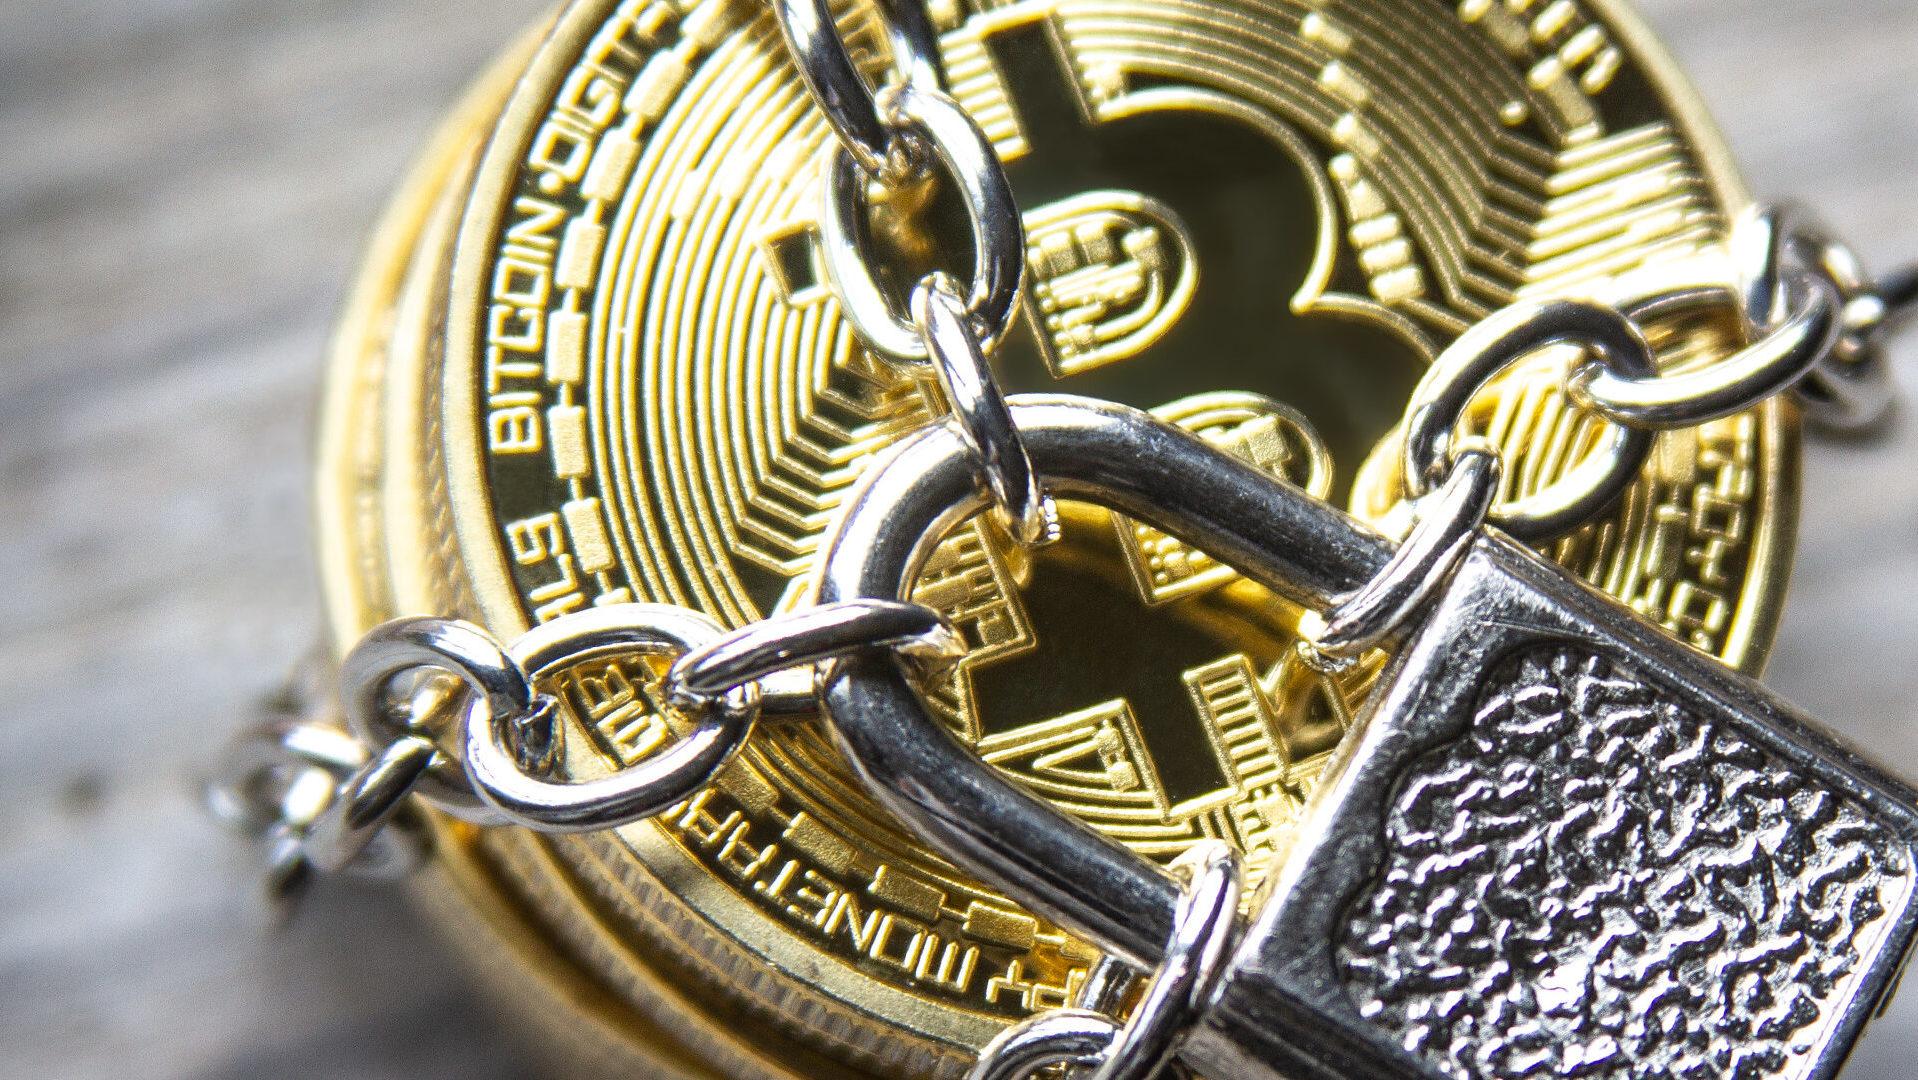 Hacker não devolveu US$ 600 milhões roubados de plataforma DeFi (Imagem: QuoteInspector/ Flickr)